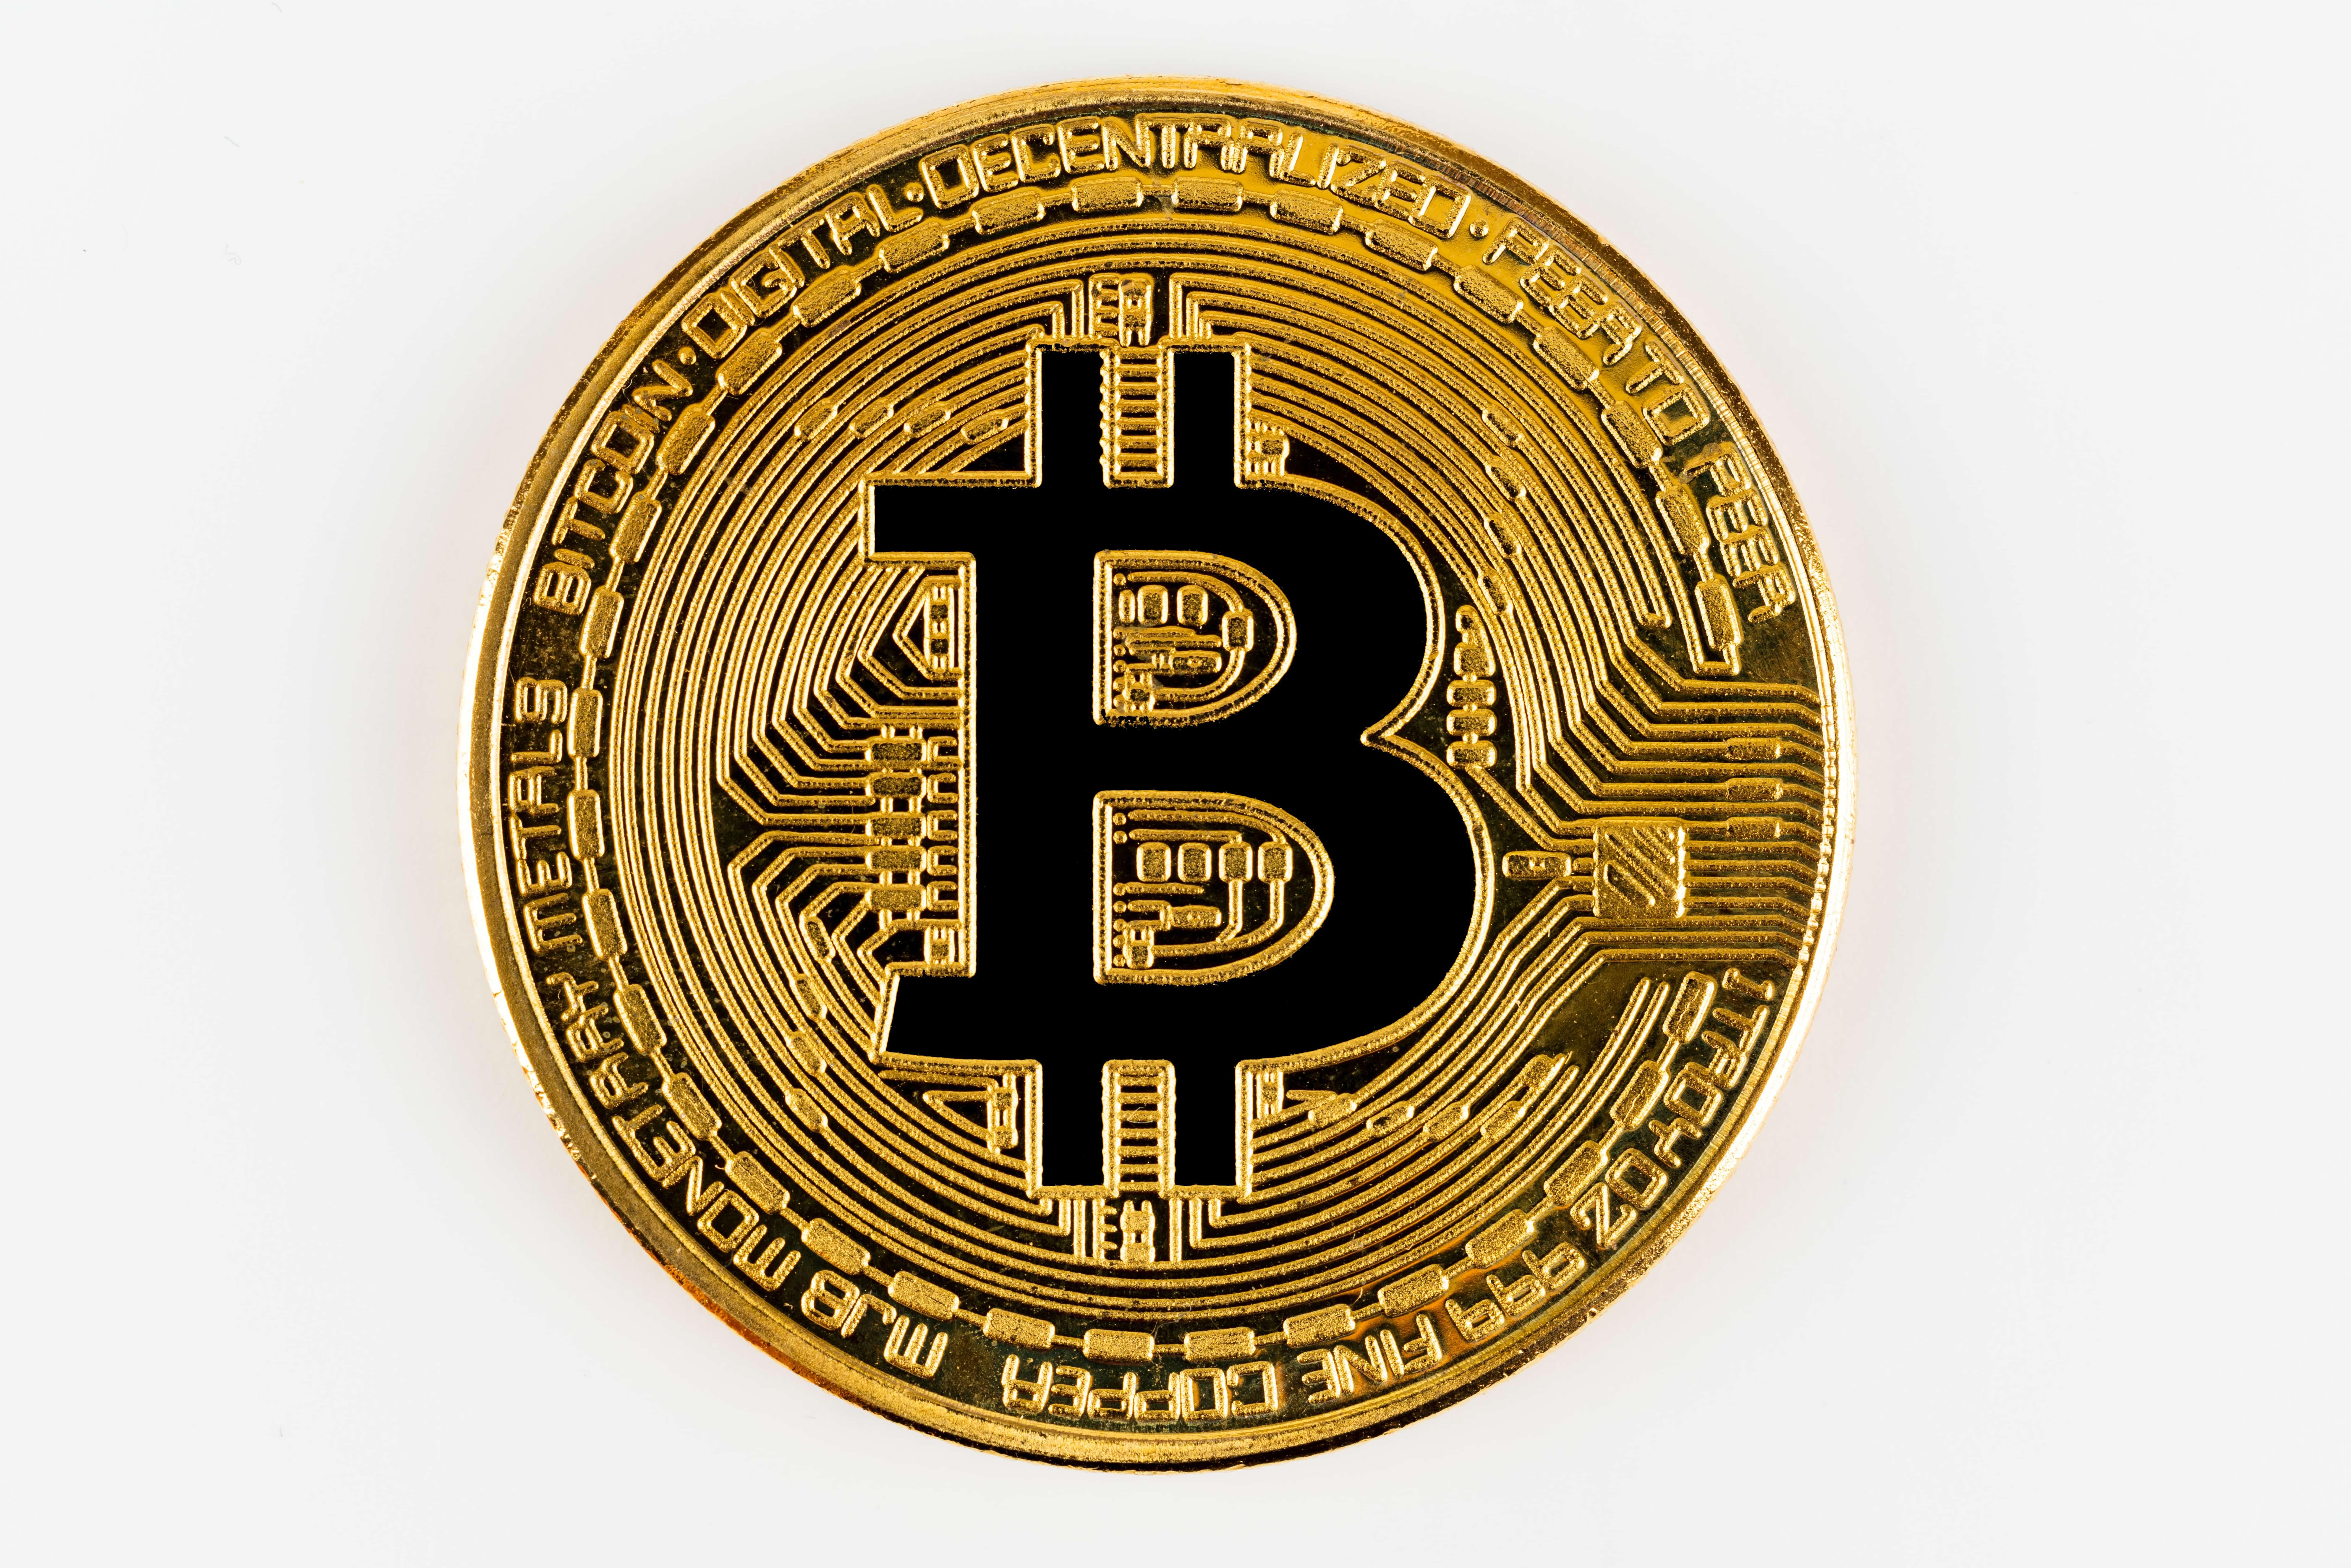 Bitcoin Münze auf weissem Hintergrund